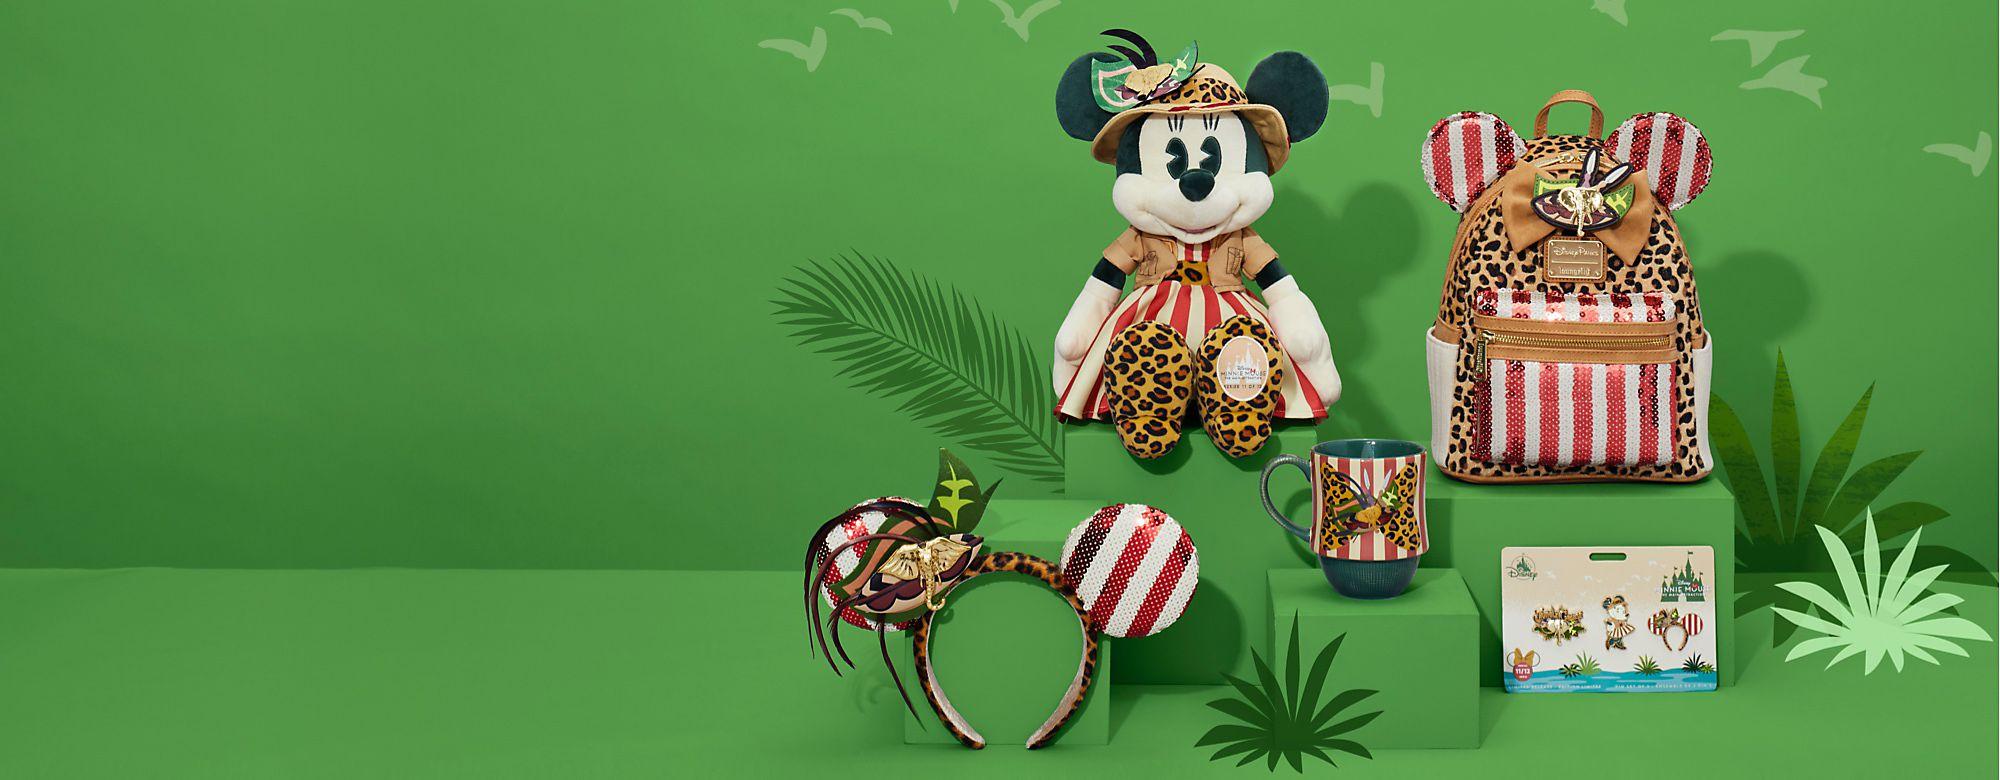 Minnie Mouse The Main Attraction En route pour l'aventure avec la série 11 Disponible le 18 novembre EN SAVOIR PLUS